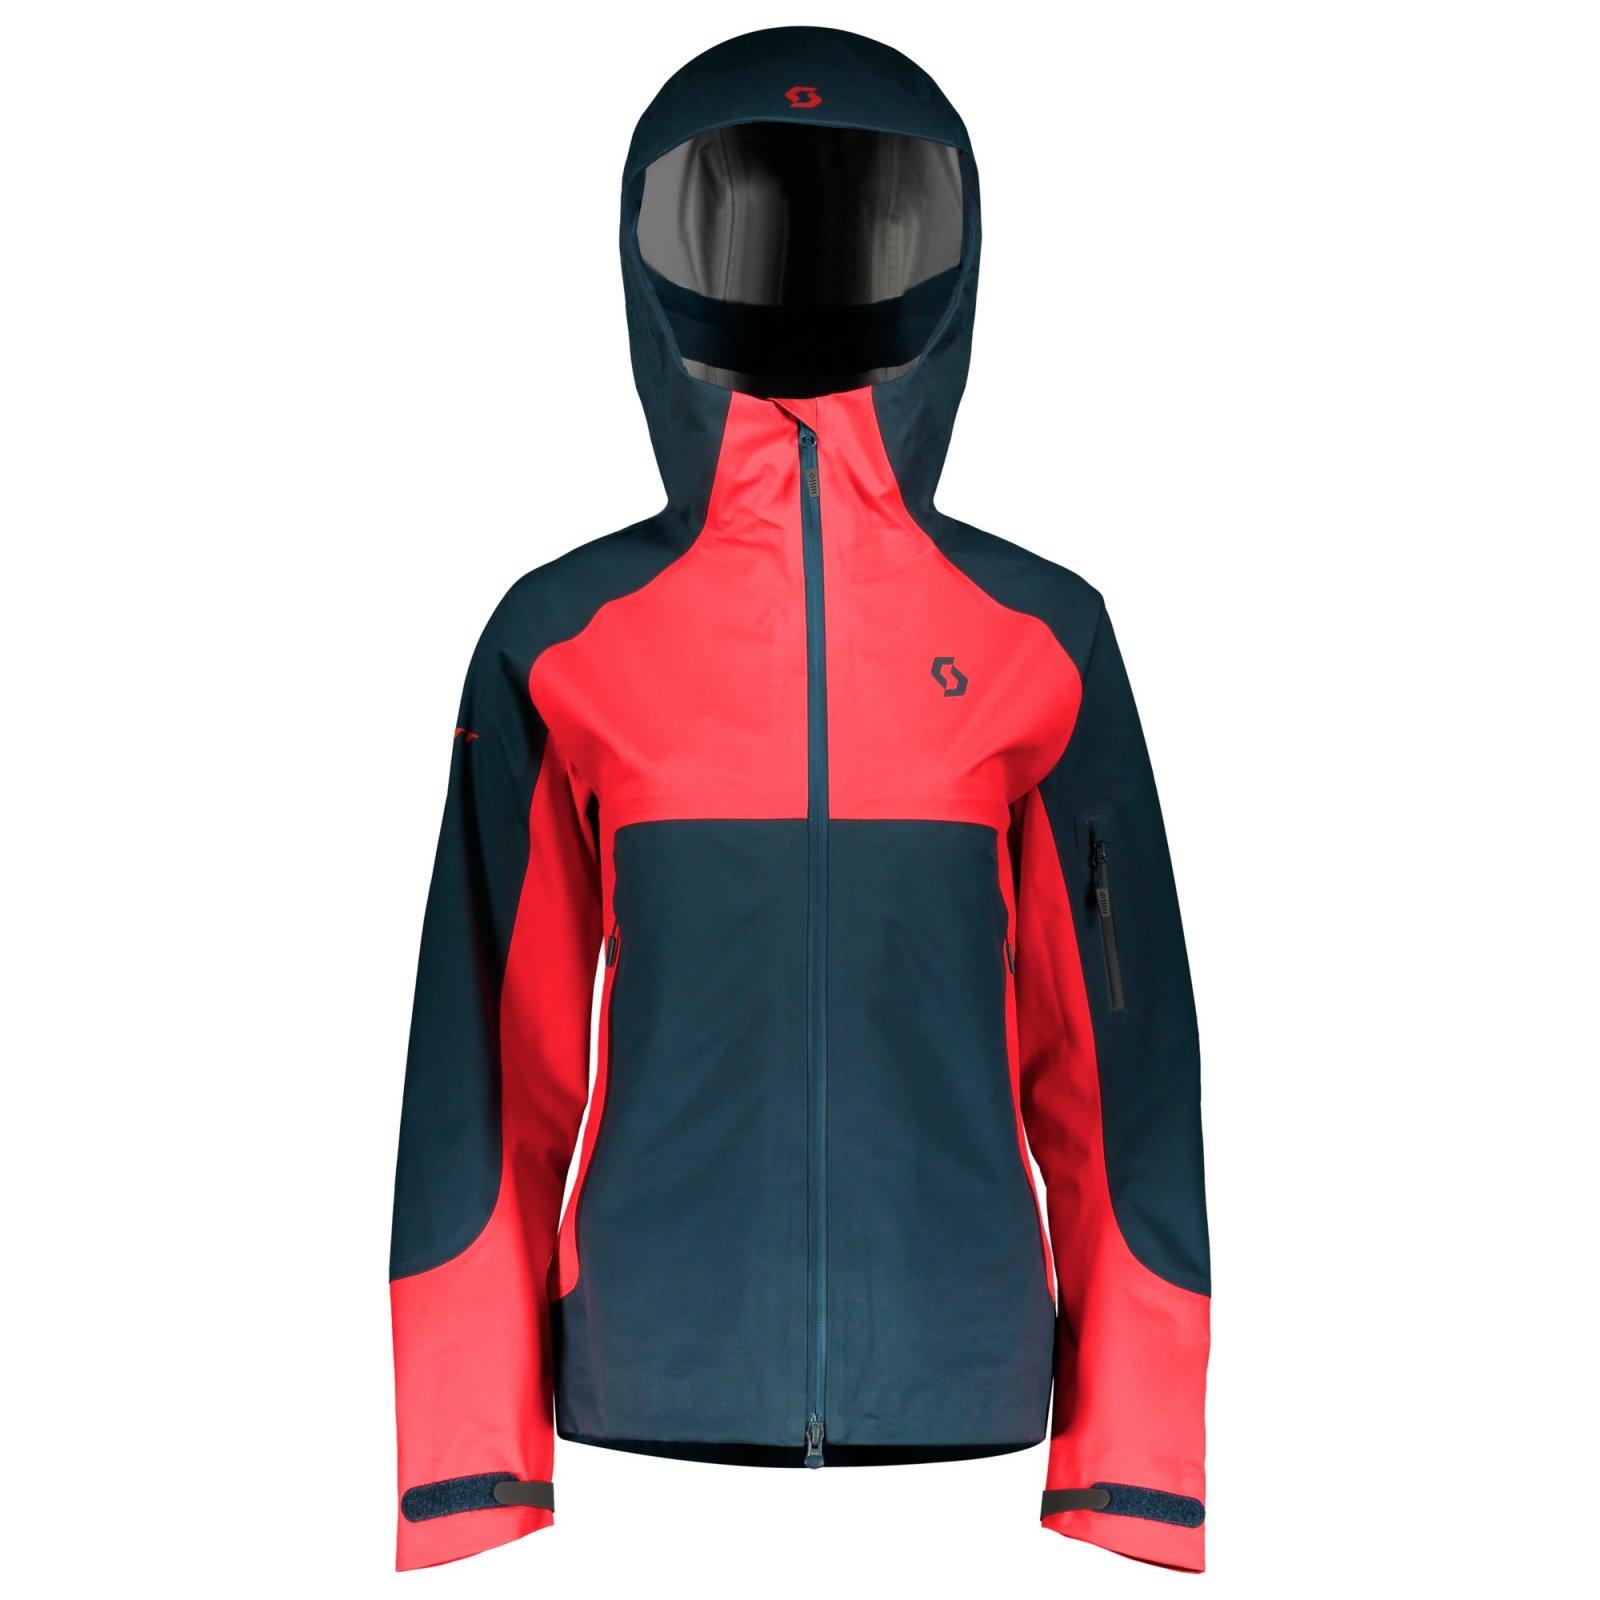 Scott W's Explorair 3L Jacket